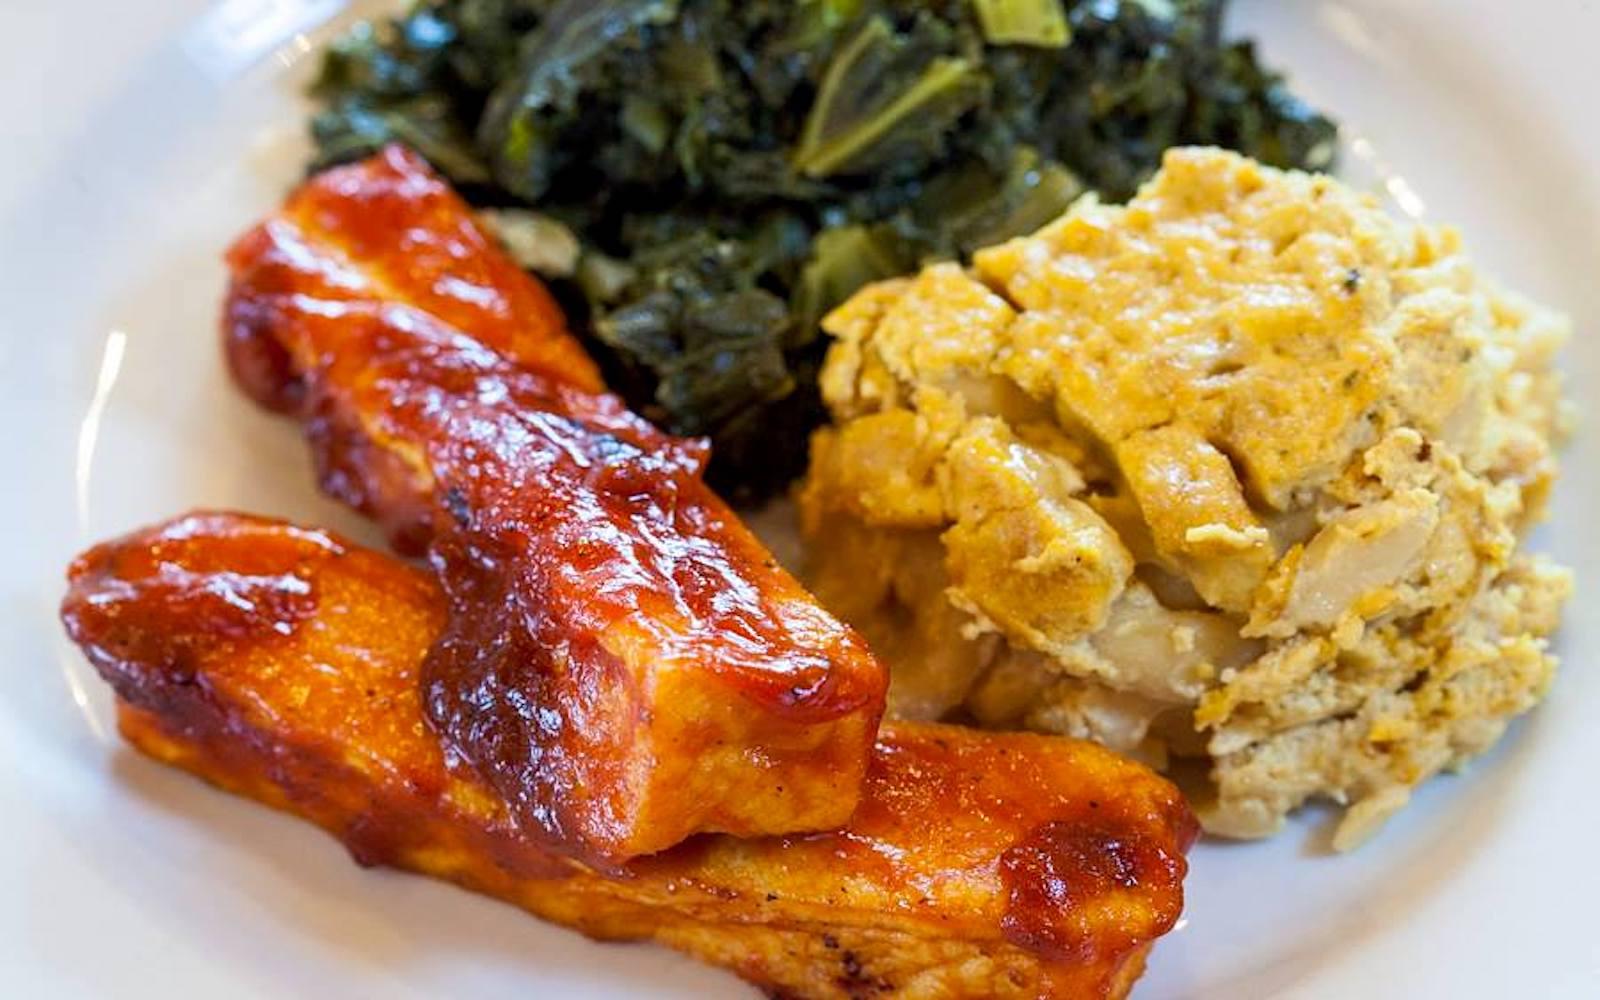 soul vegetarian vegan eats atlanta food